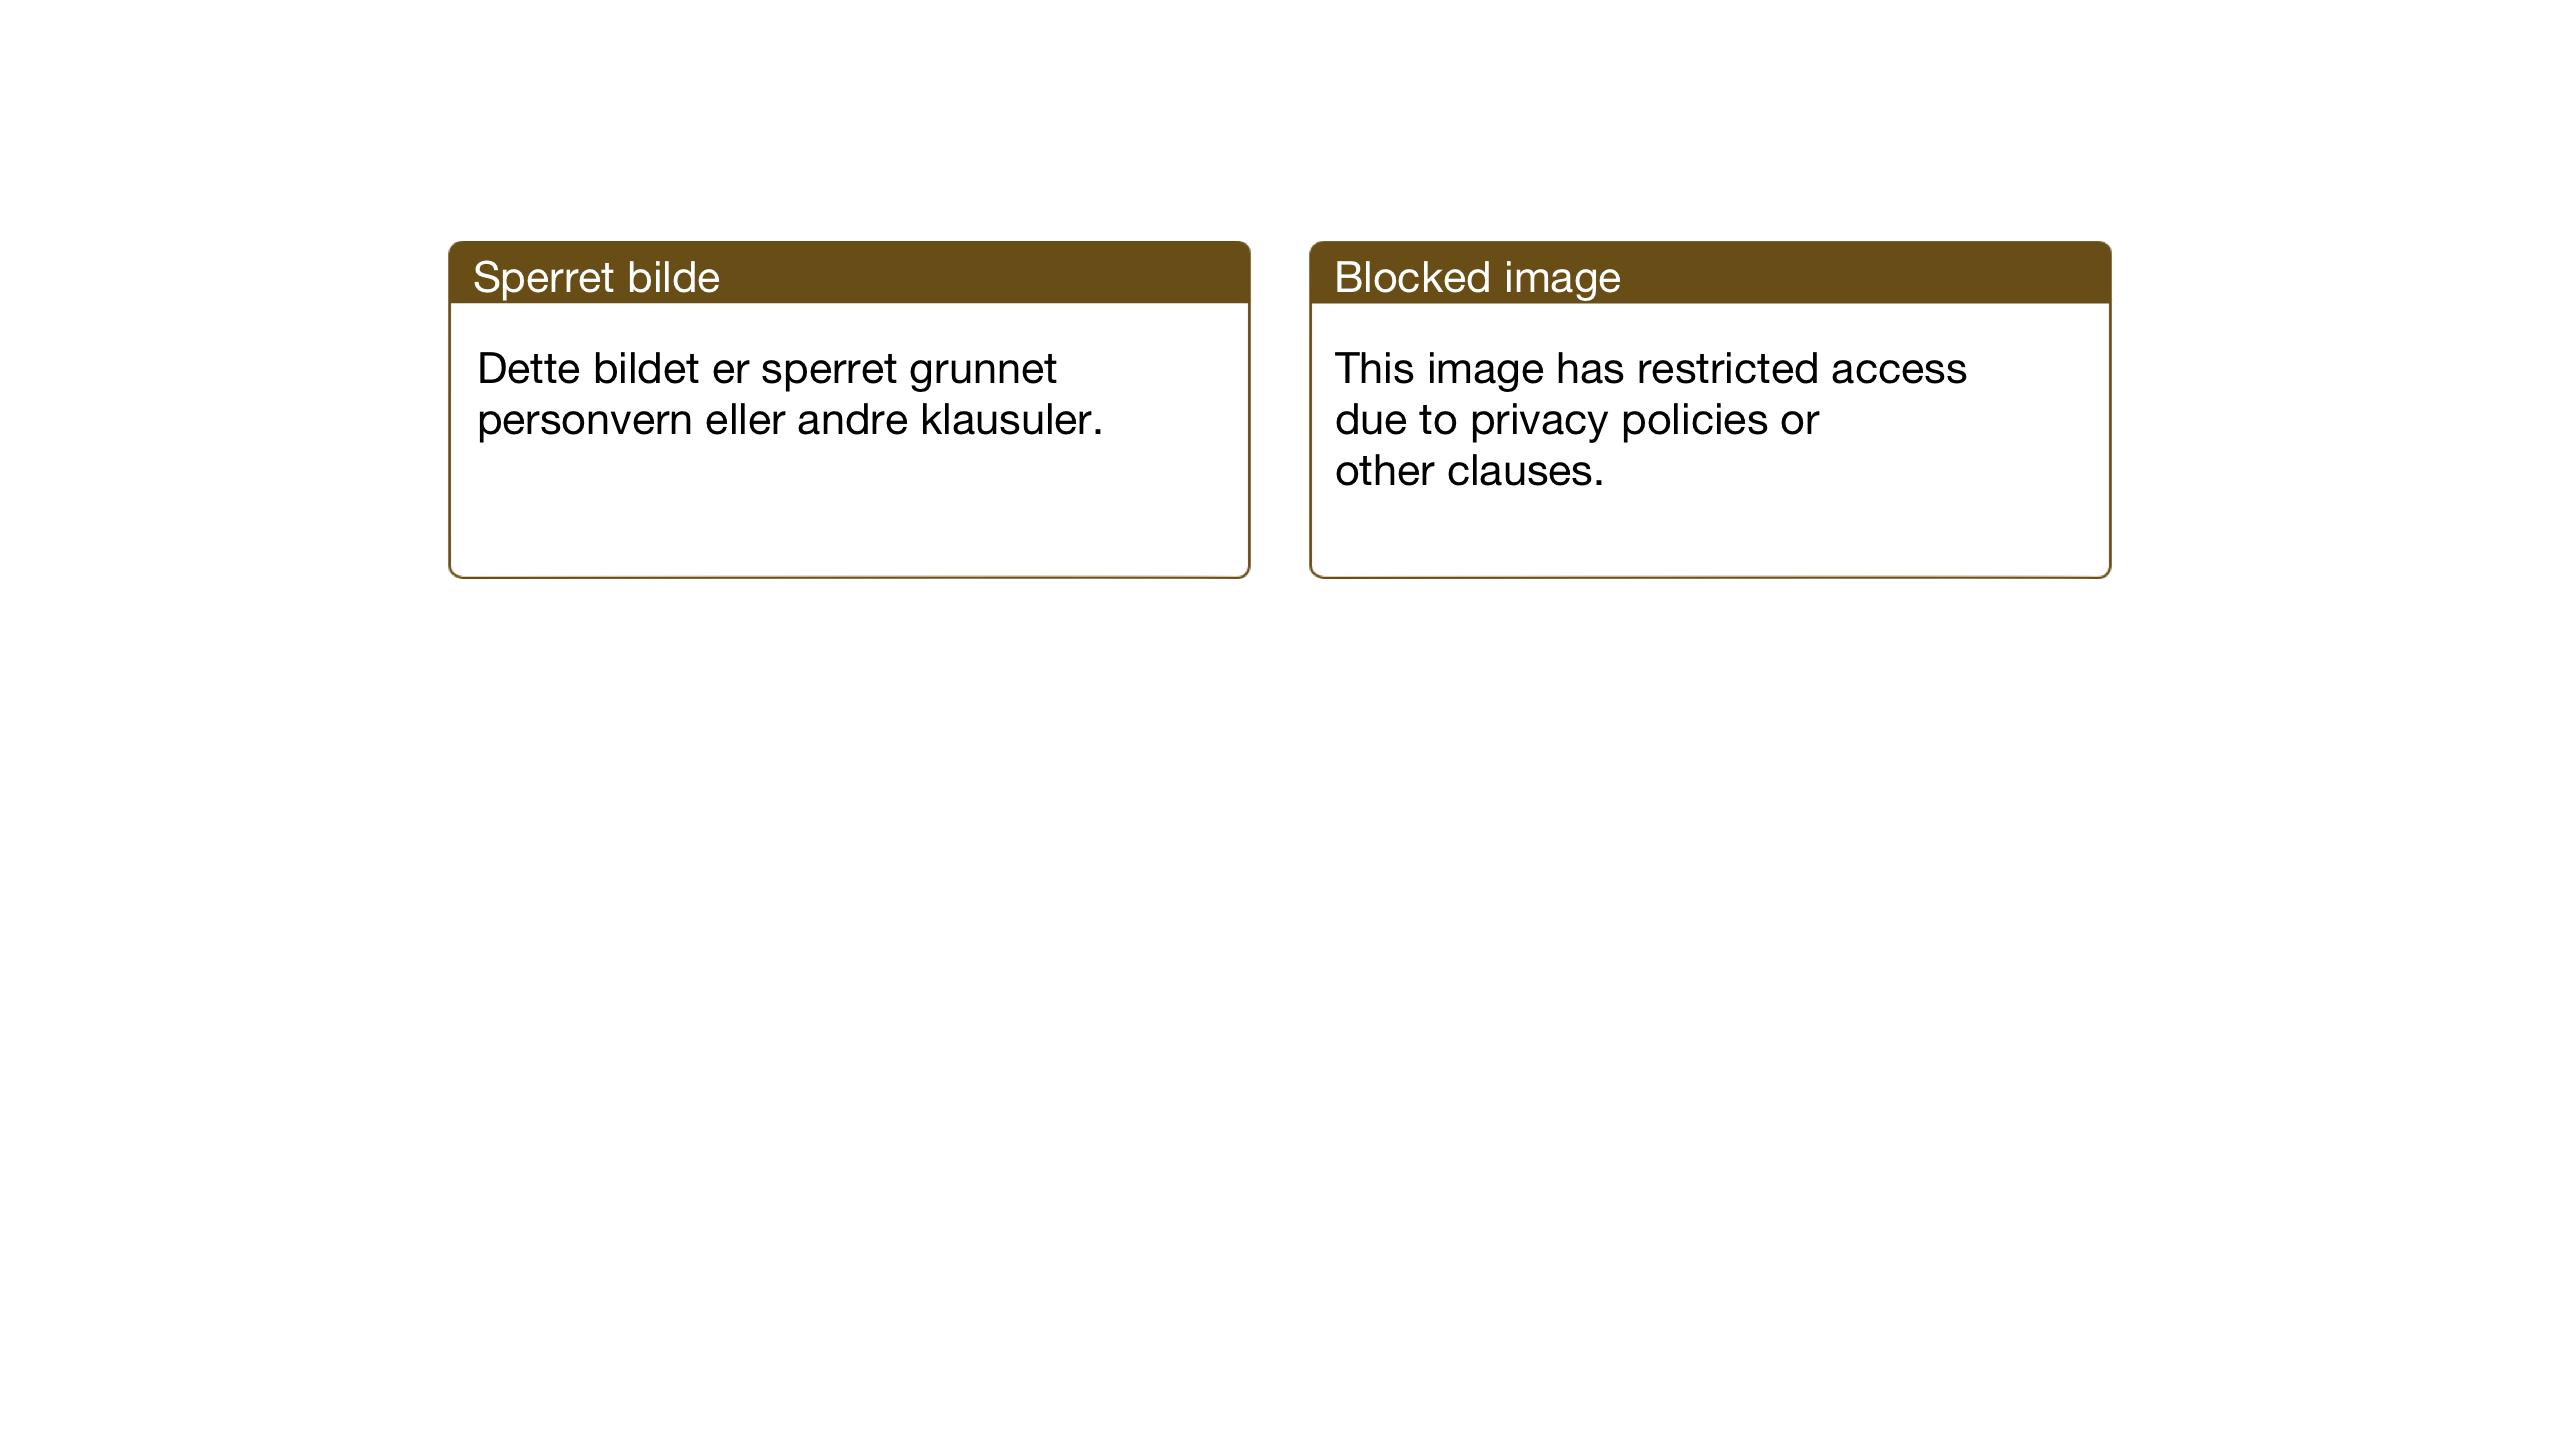 SAT, Ministerialprotokoller, klokkerbøker og fødselsregistre - Nord-Trøndelag, 755/L0500: Klokkerbok nr. 755C01, 1920-1962, s. 171